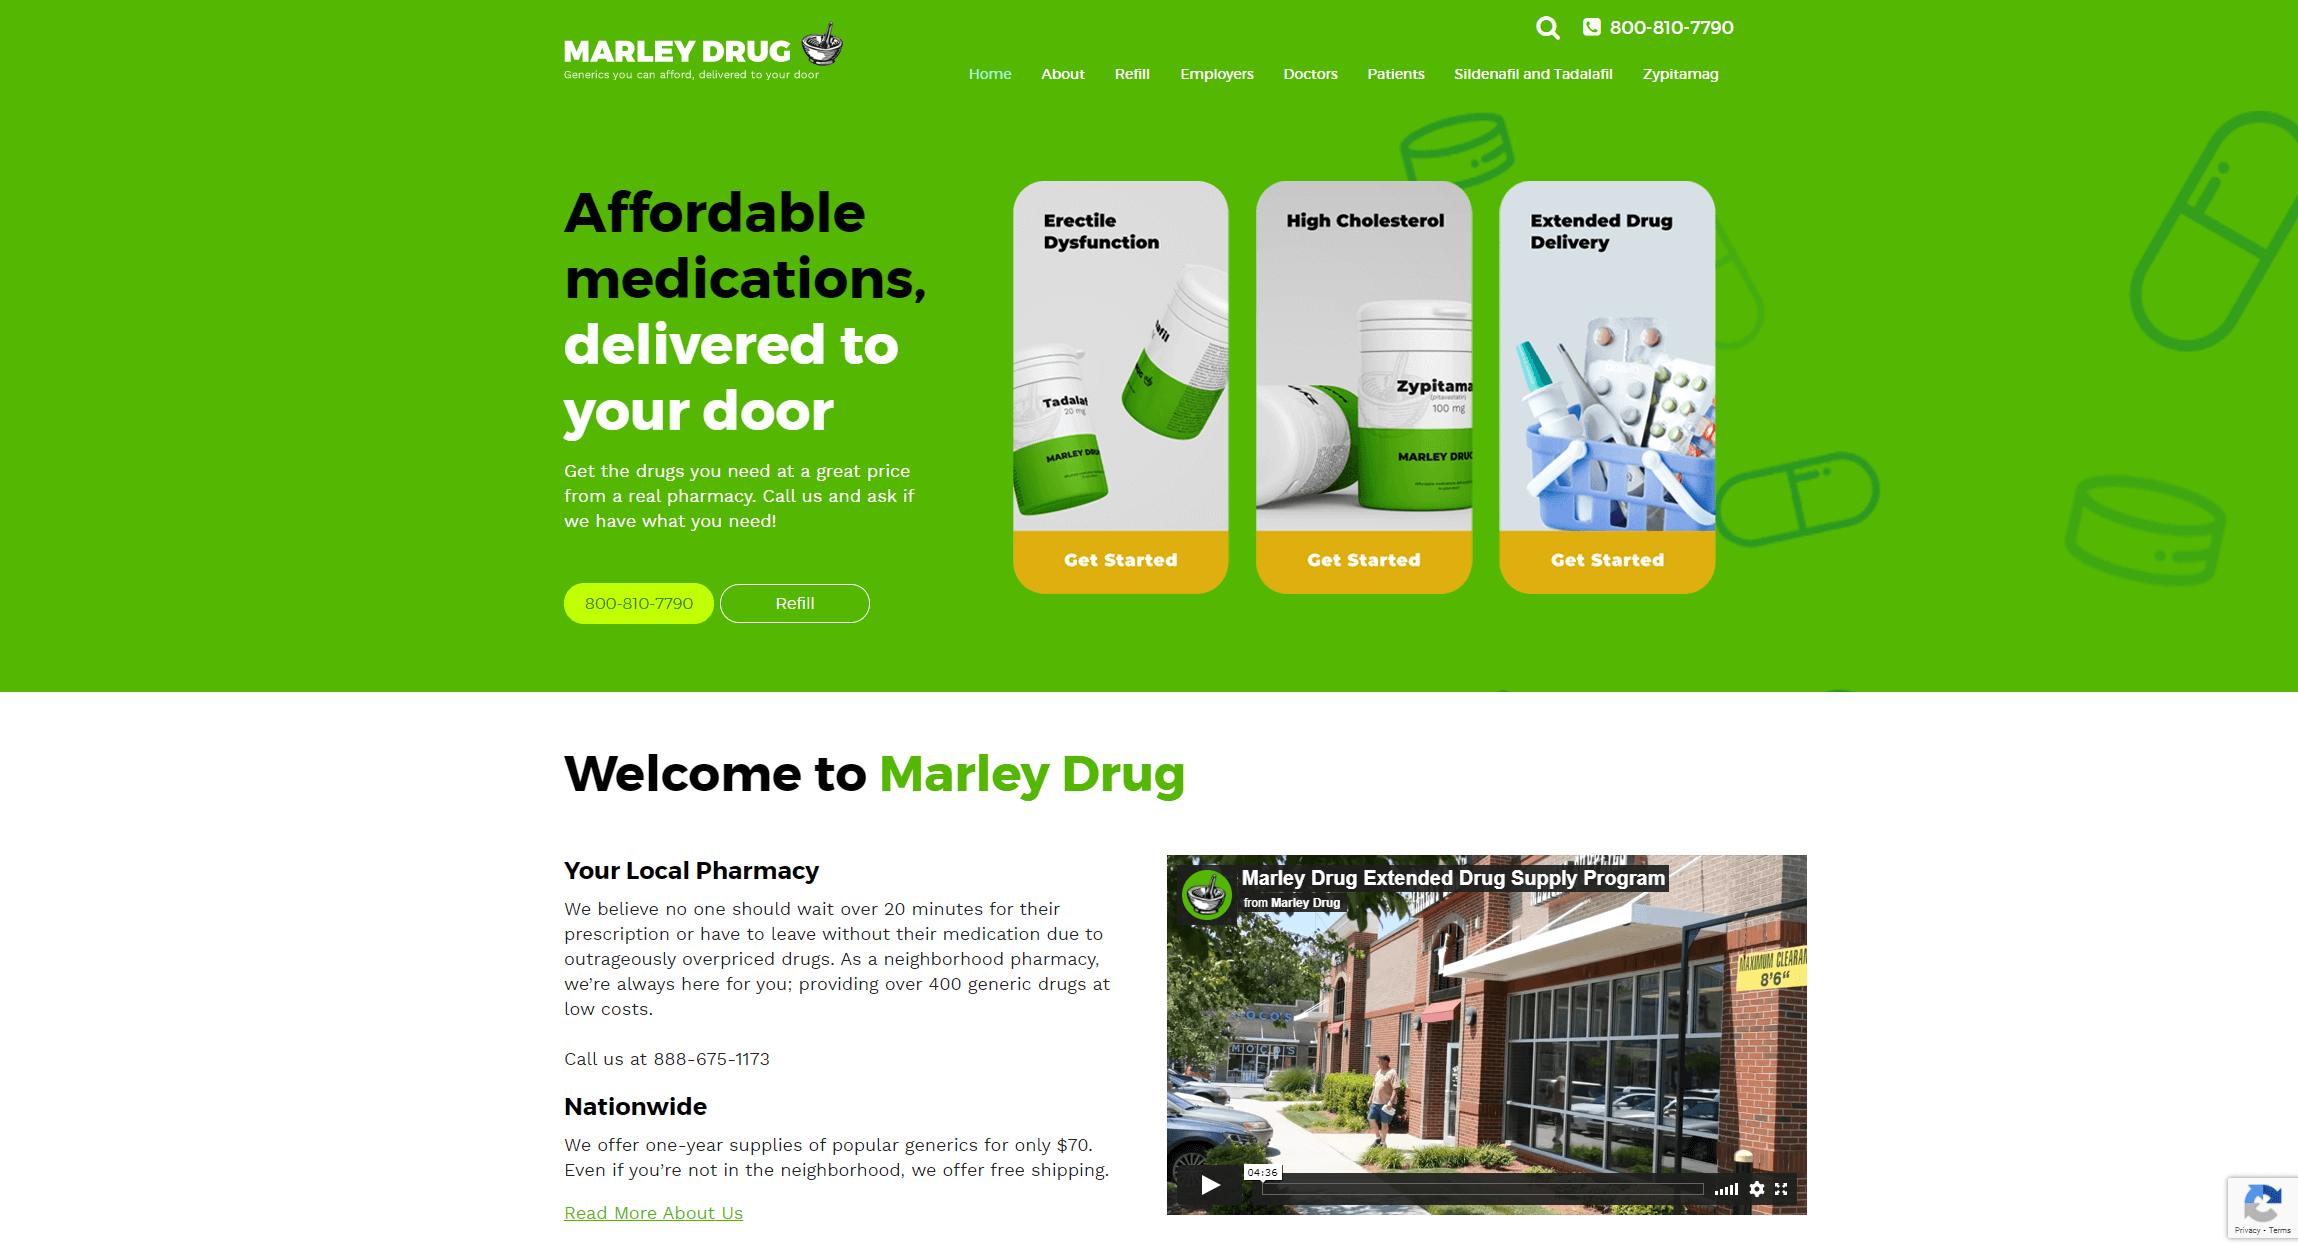 www.marleydrug.com